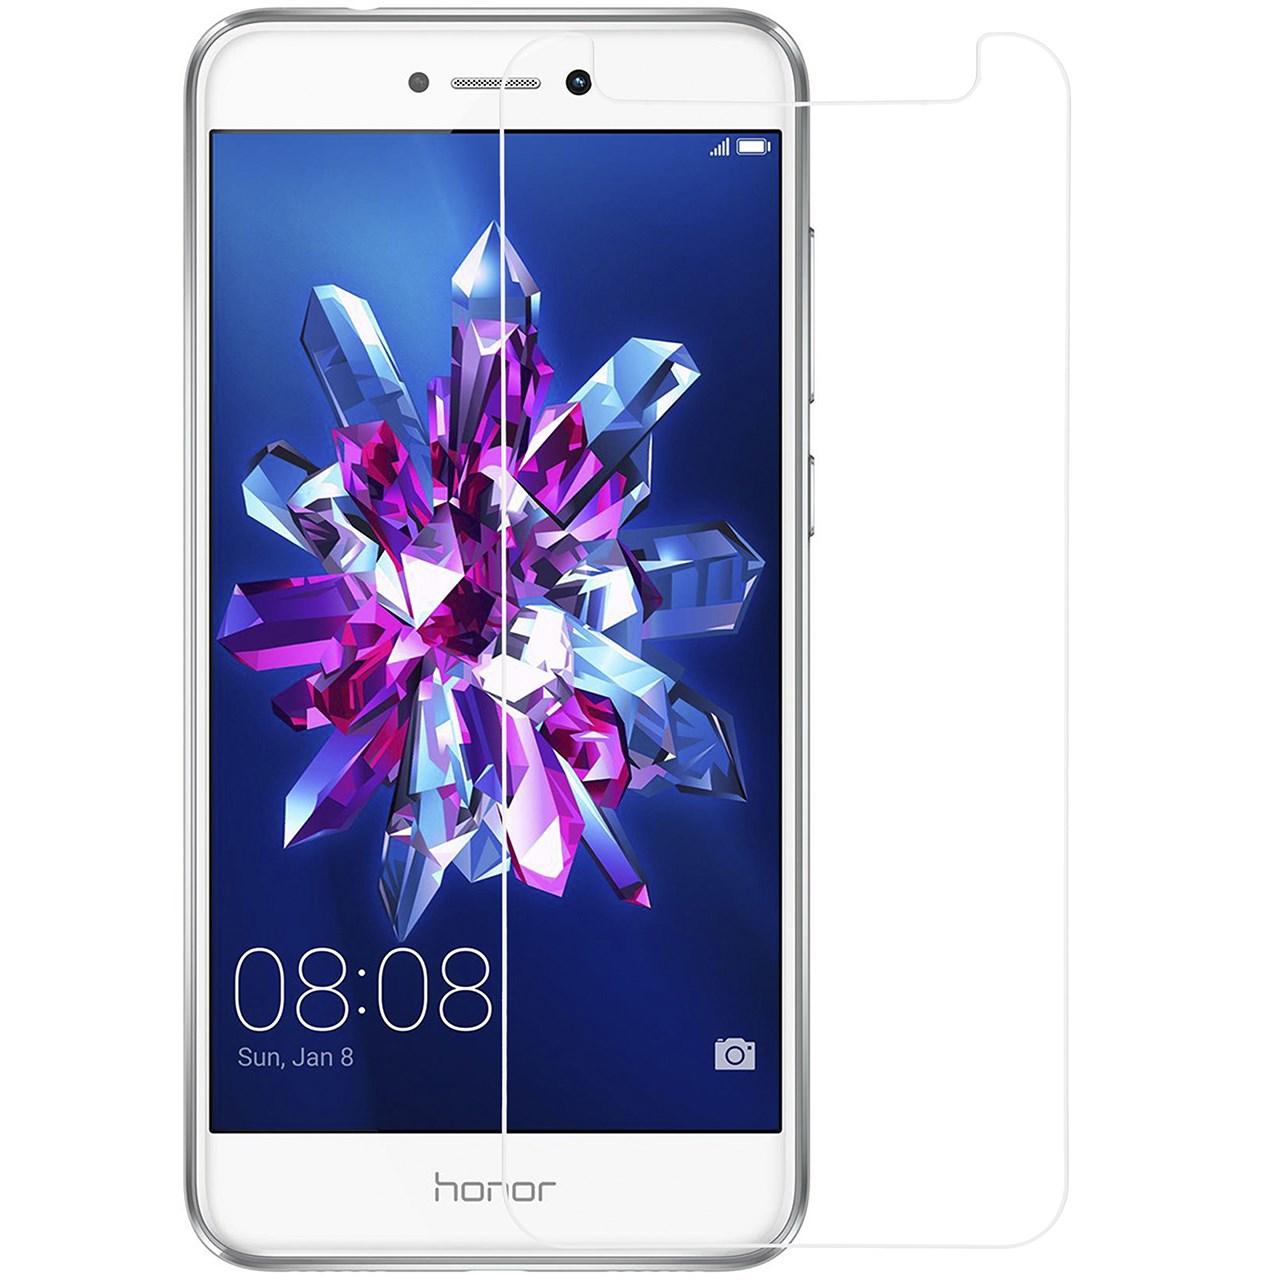 محافظ صفحه نمایش شیشه ای ریمکس مدل Tempered مناسب برای گوشی موبایل  هواوی  Honor 8 Lite